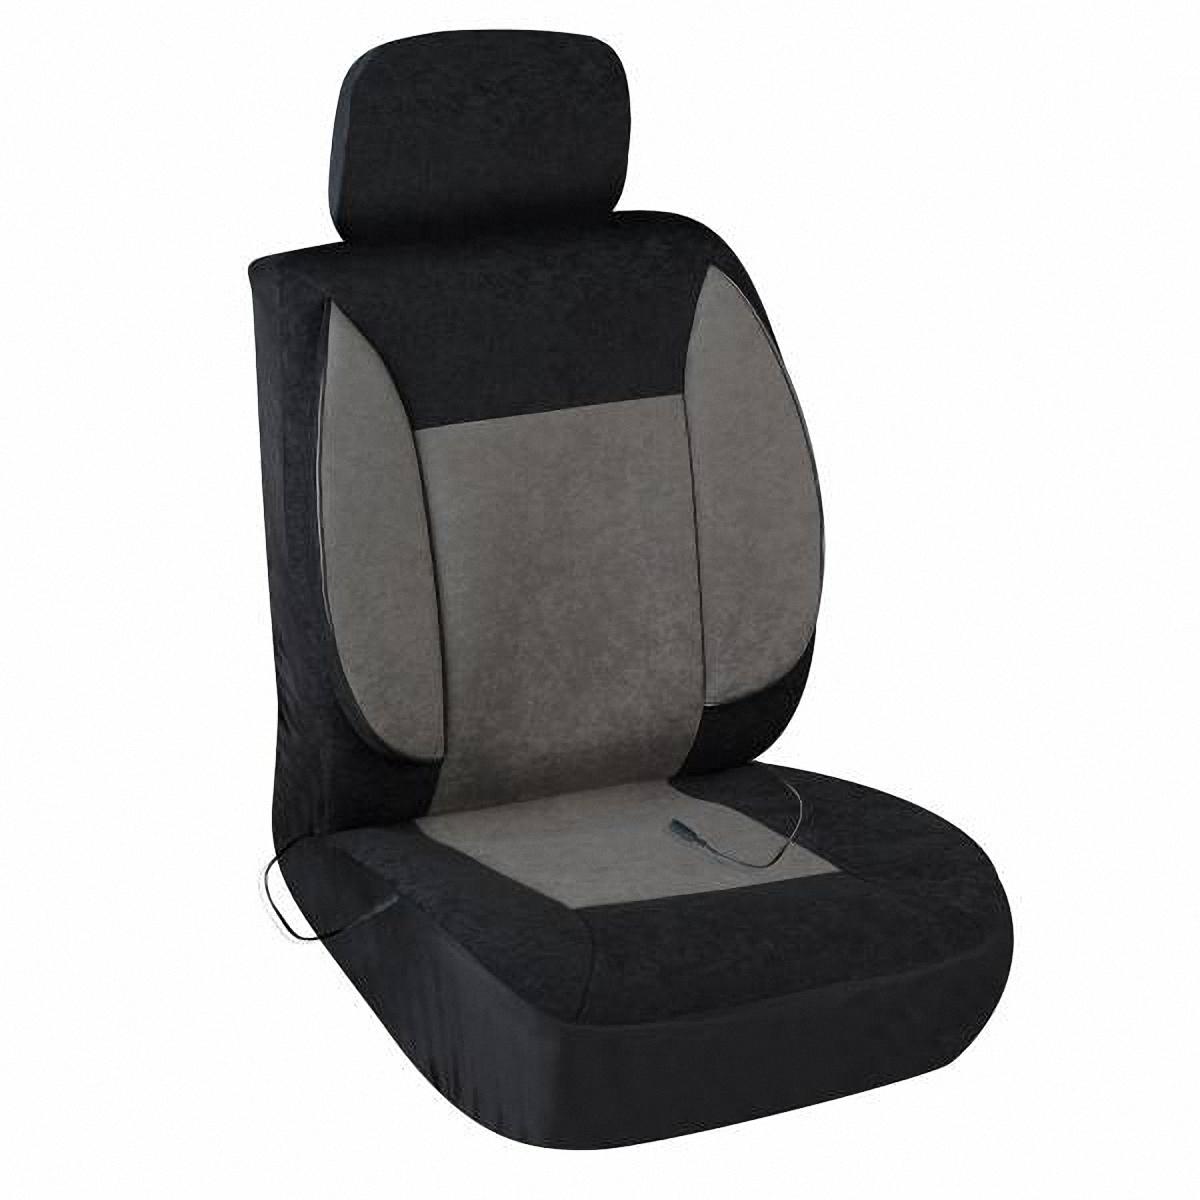 Чехол на сиденье Skyway, с подогревом. S02202006S02202006Чехол на сиденье Skyway, изготовленный из велюра, снижает усталость при управлении автомобилем и обеспечивает комфортное вождение в холодное время года.Подогрев сиденья с терморегулятором (2 режима). В качестве теплоносителя применяется углеродный материал. Такой нагреватель обладает феноменальной гибкостью и прочностью на разрыв в отличие от аналогов, изготовленных из медного или иного металлического провода.Устройство подключается к прикуривателю на 12V.Размер чехла: 116 х 56 см.